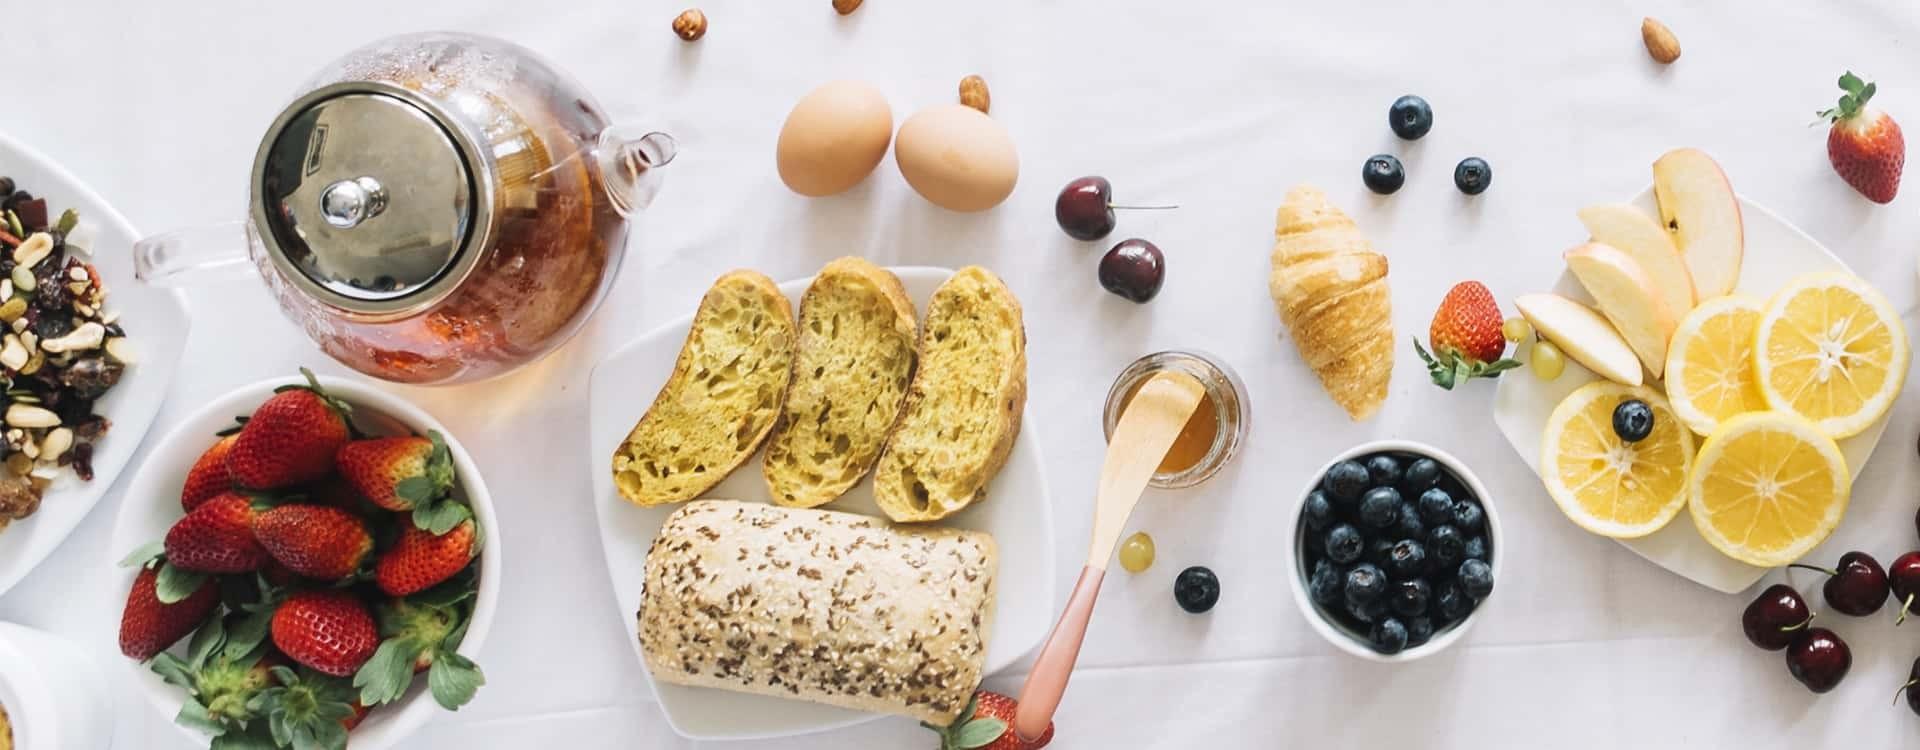 Carbohidratos para una dieta saludable